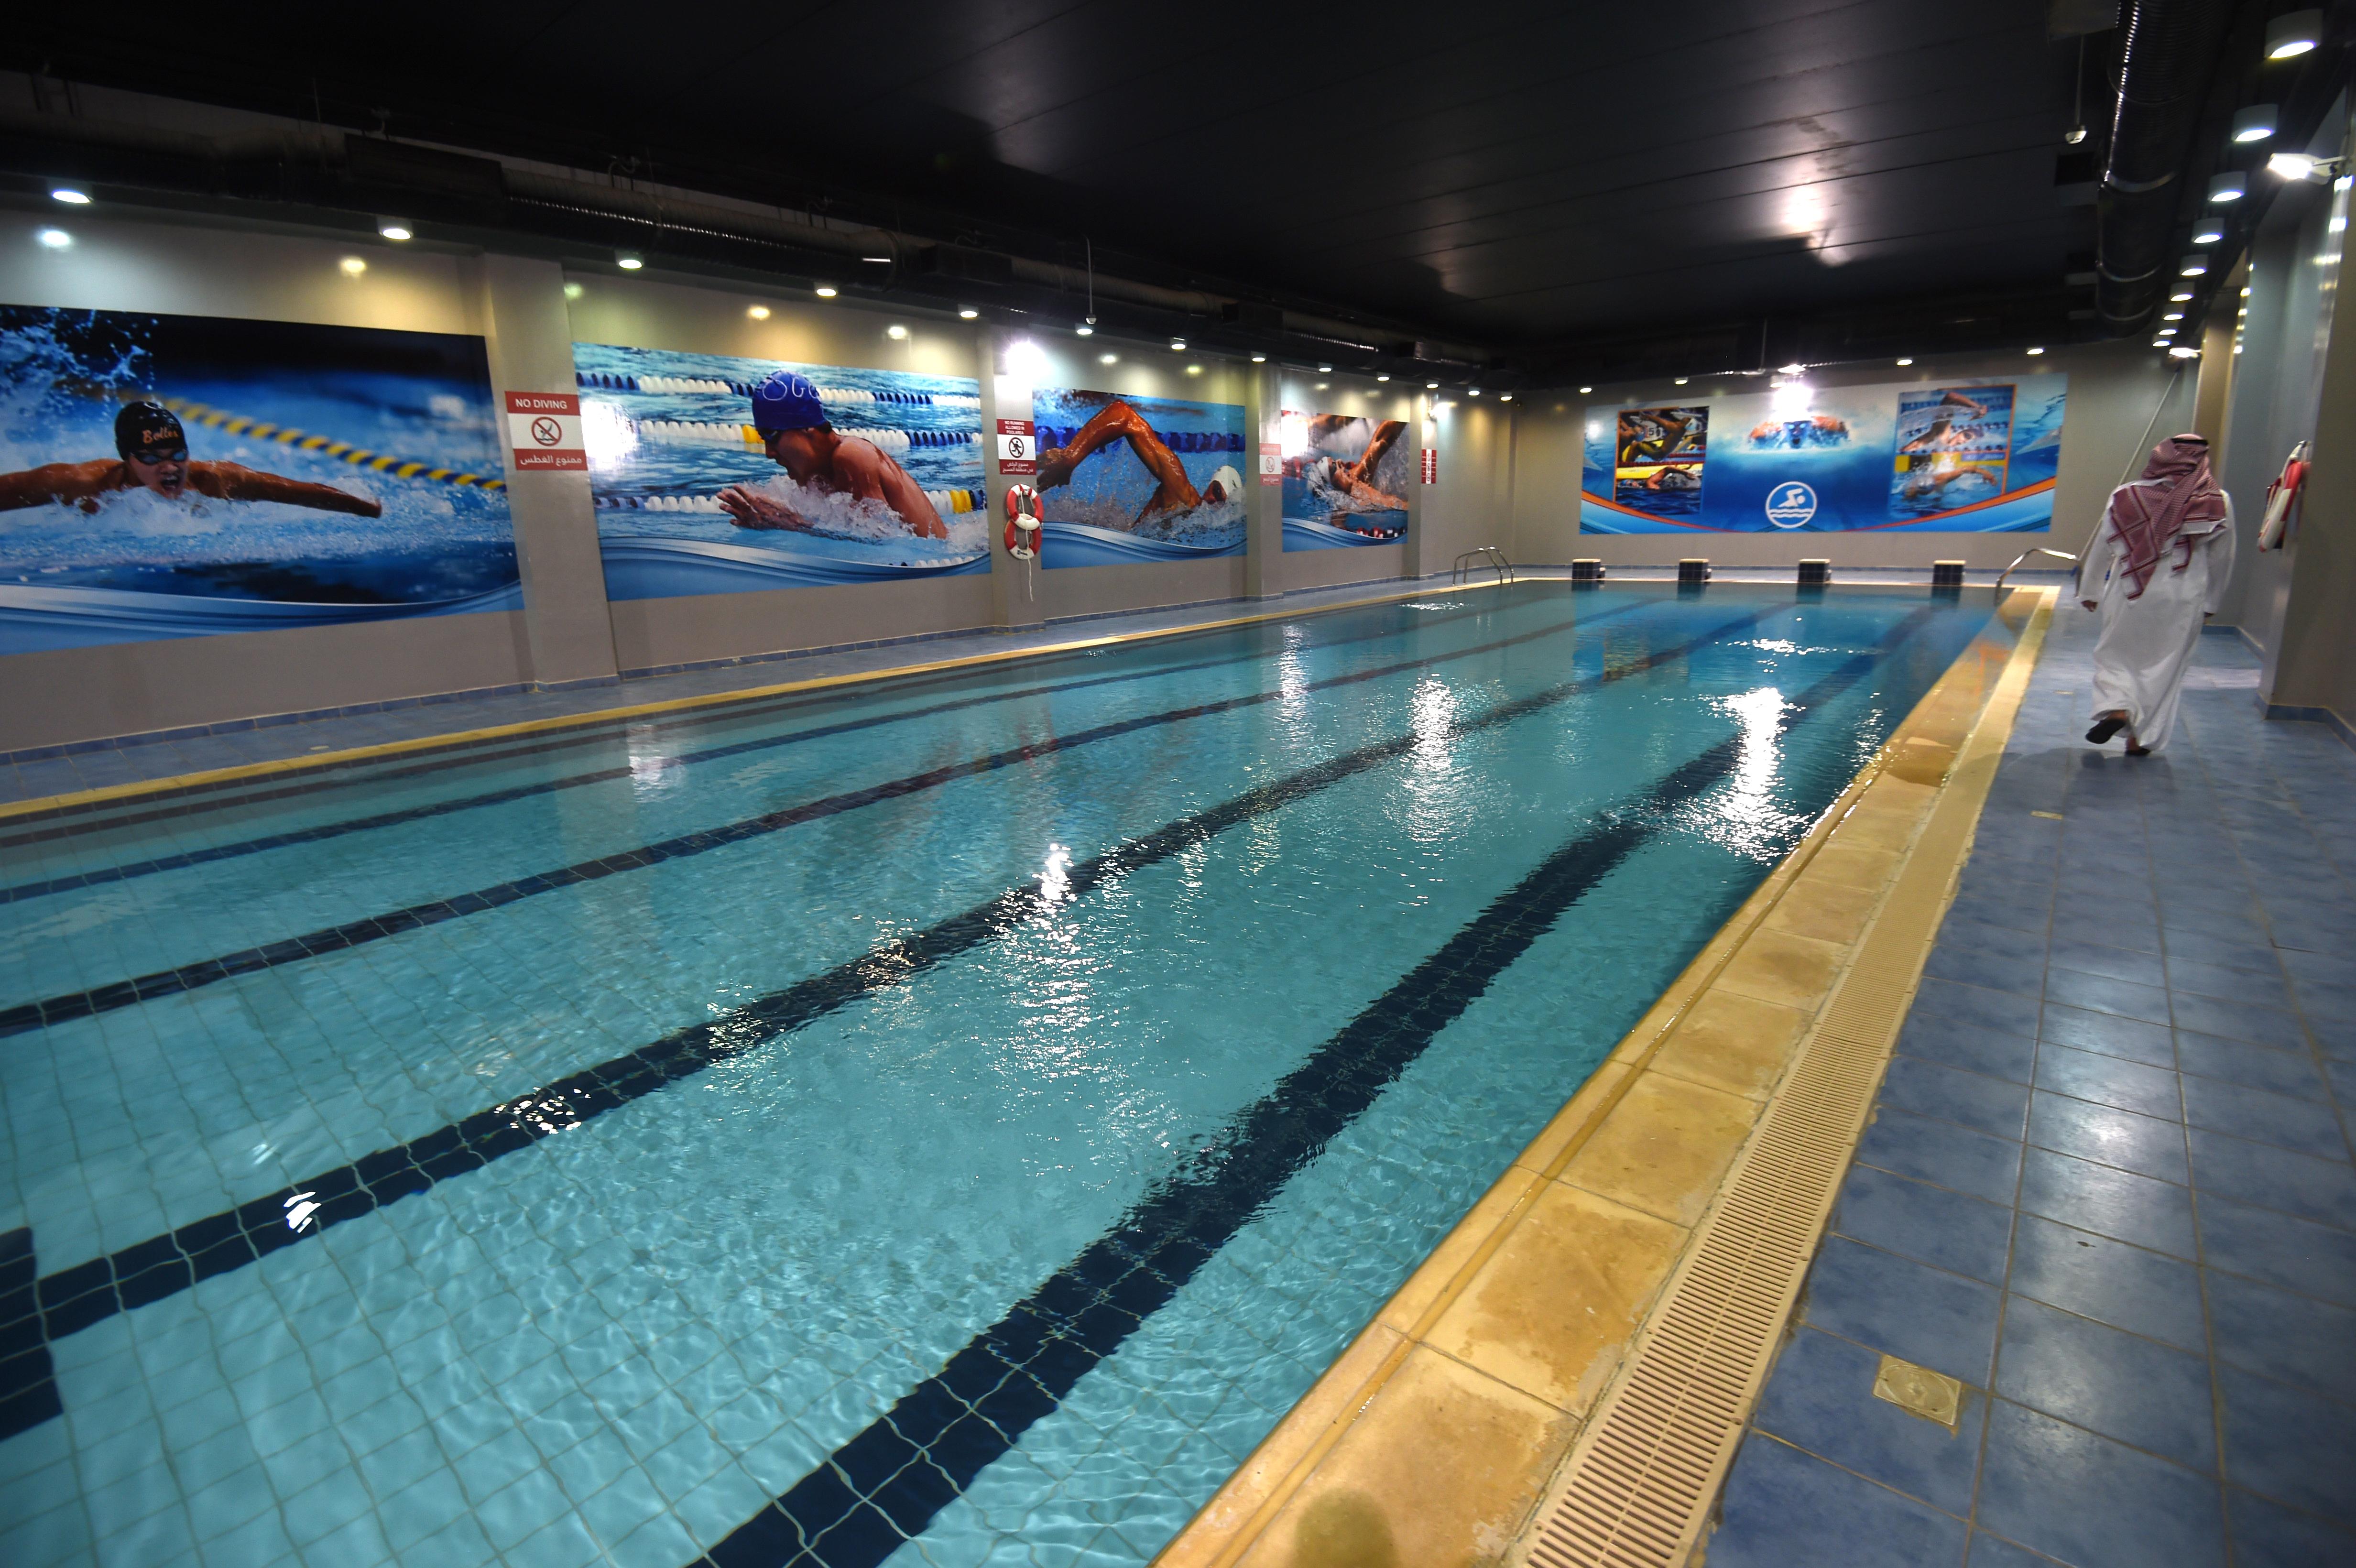 حوض سباحة داخلي في مركز محمد بن نايف للمناصحة/وكالة الصحافة الفرنسية